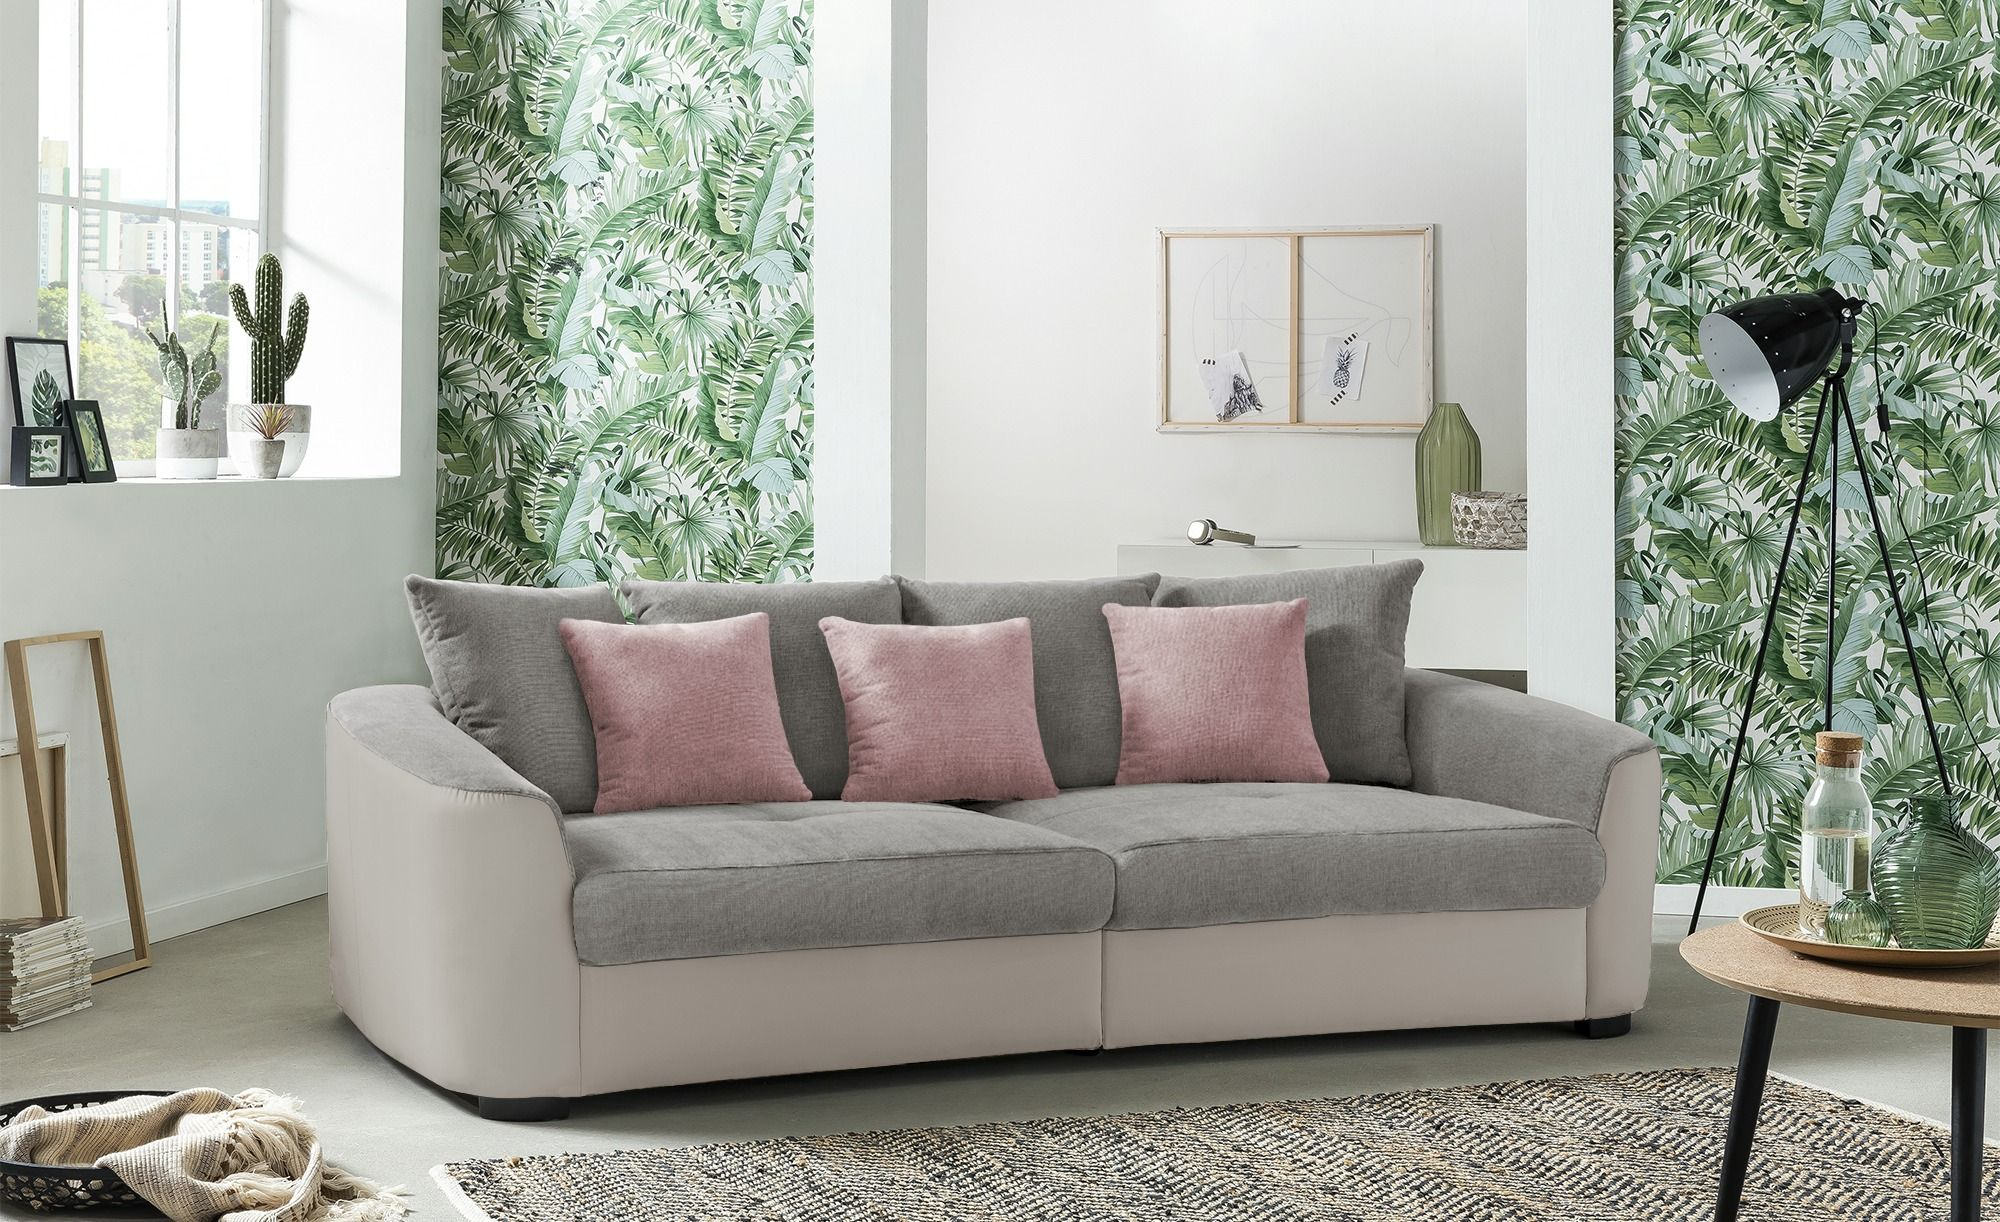 Big Sofa Cancuun Grosse Sofas Kleine Kissen Und Sofa